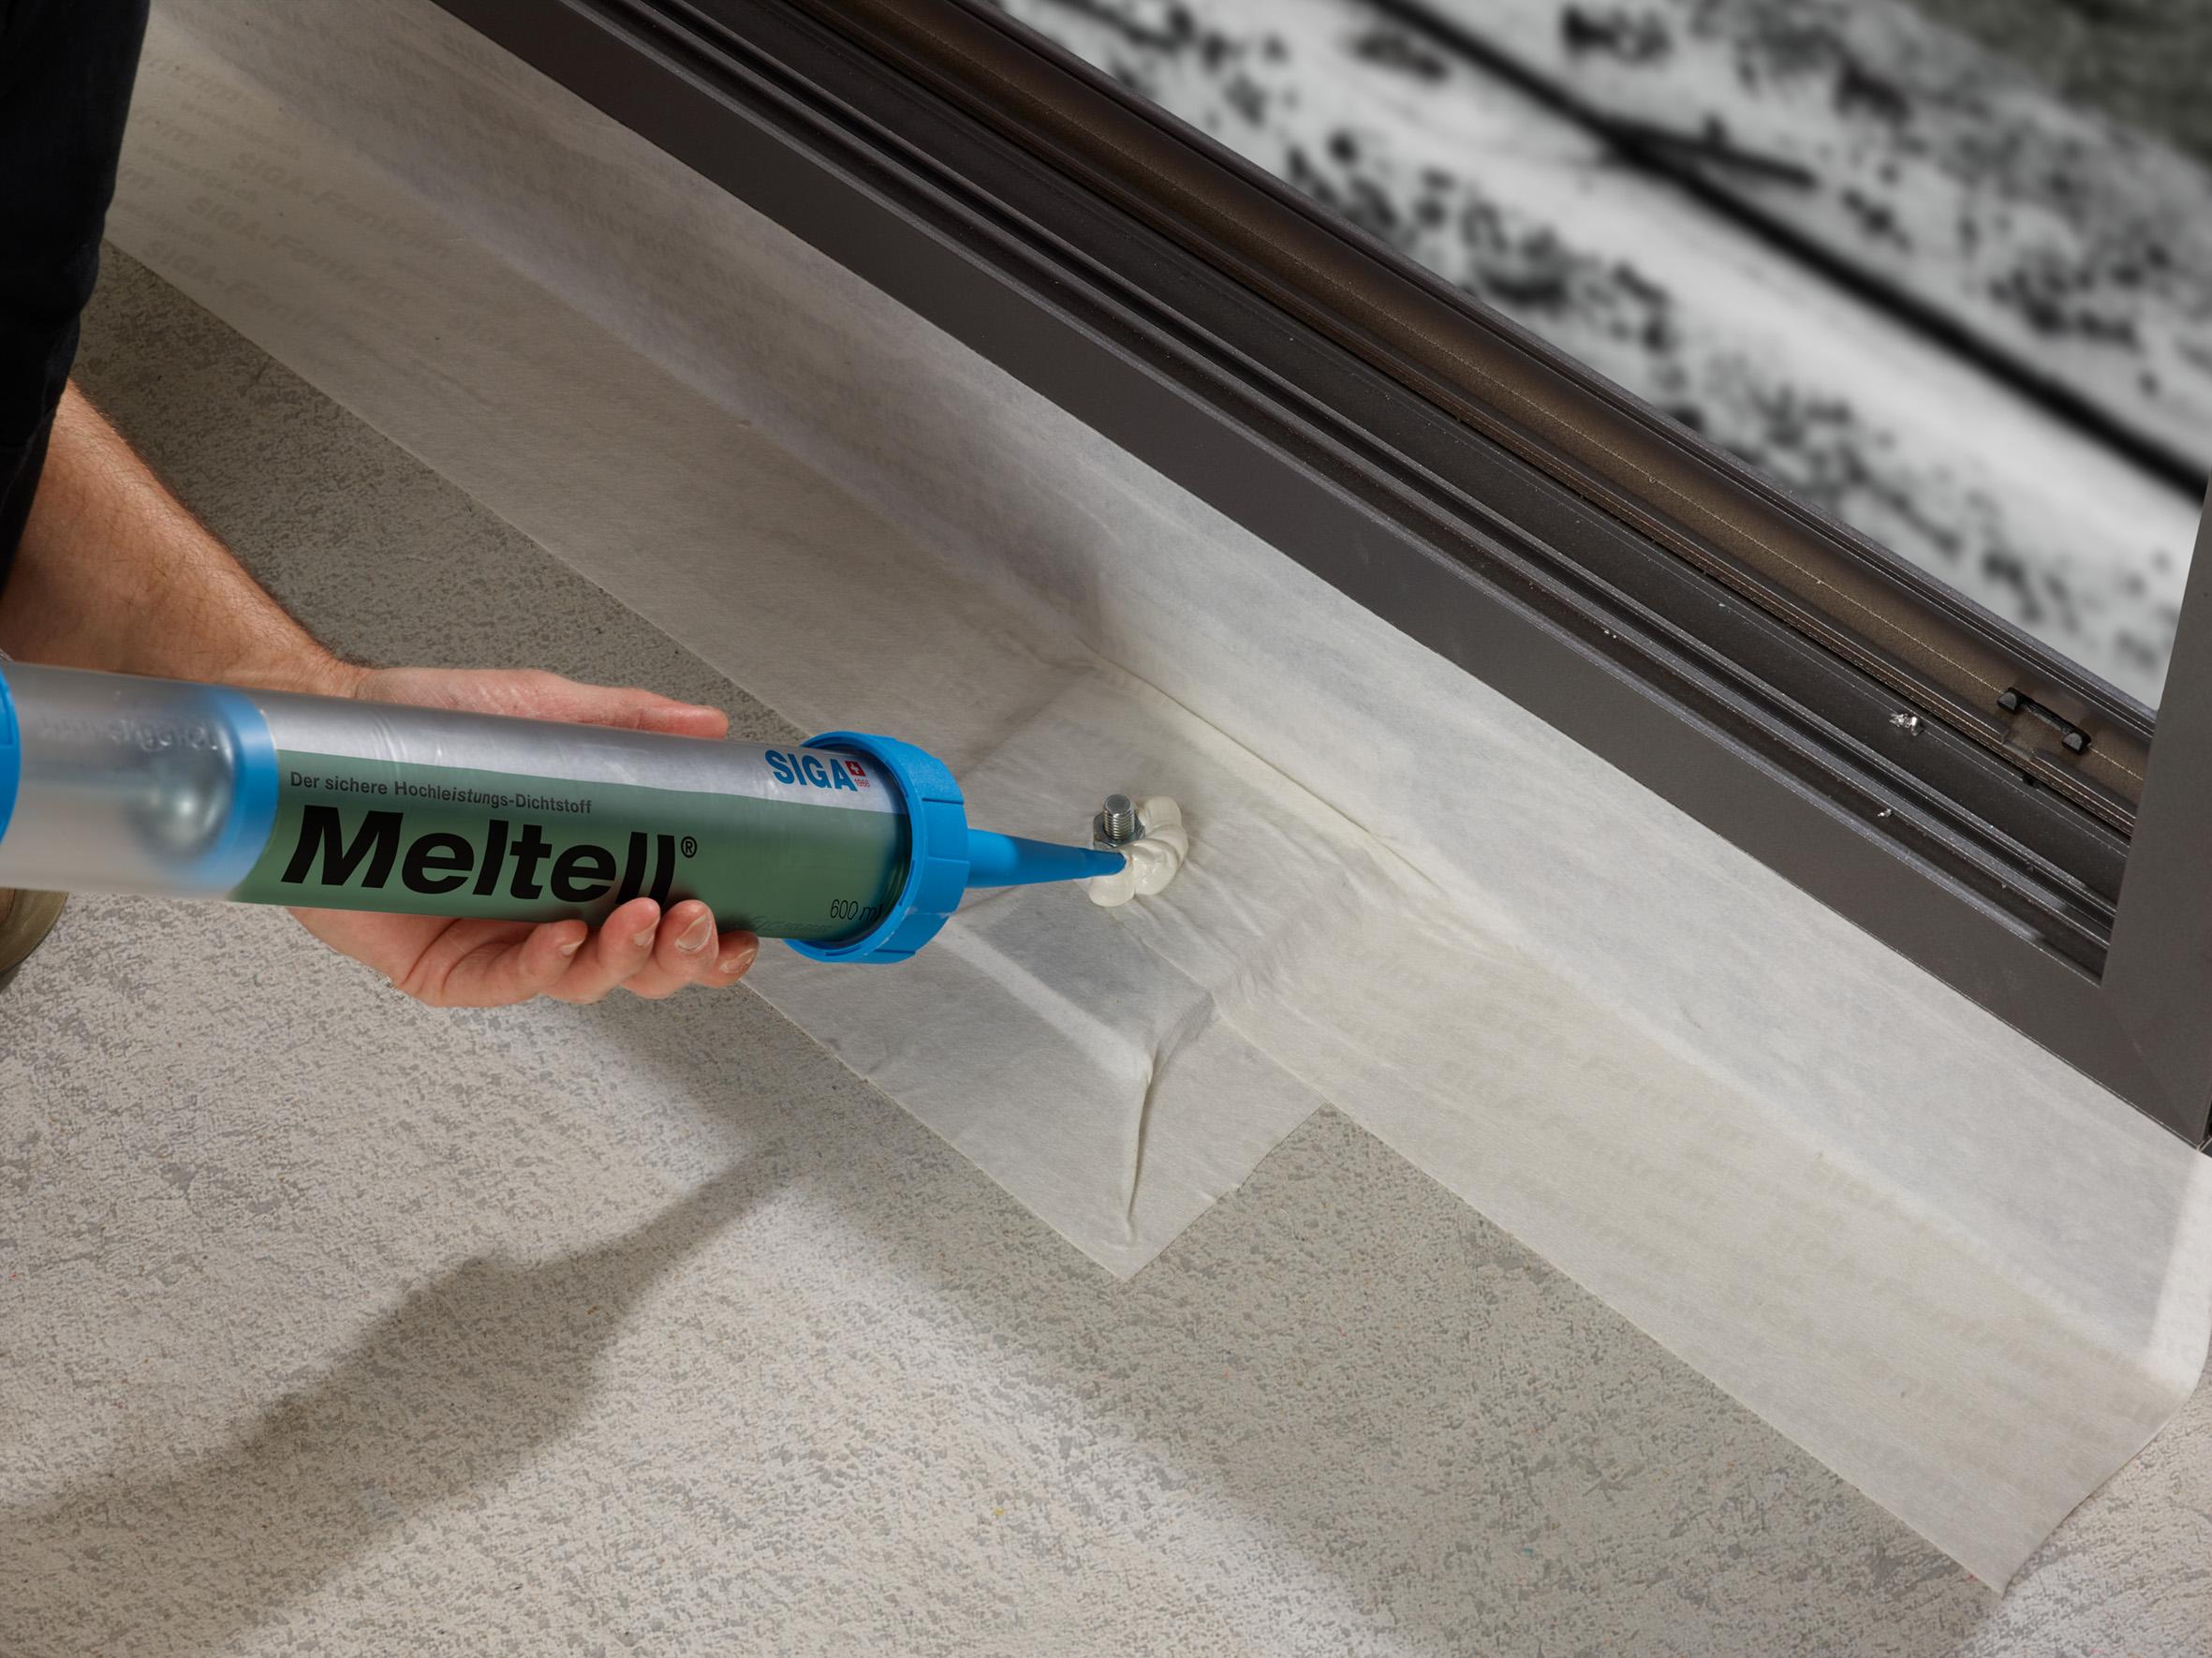 Siga Meltell - dichtmiddel